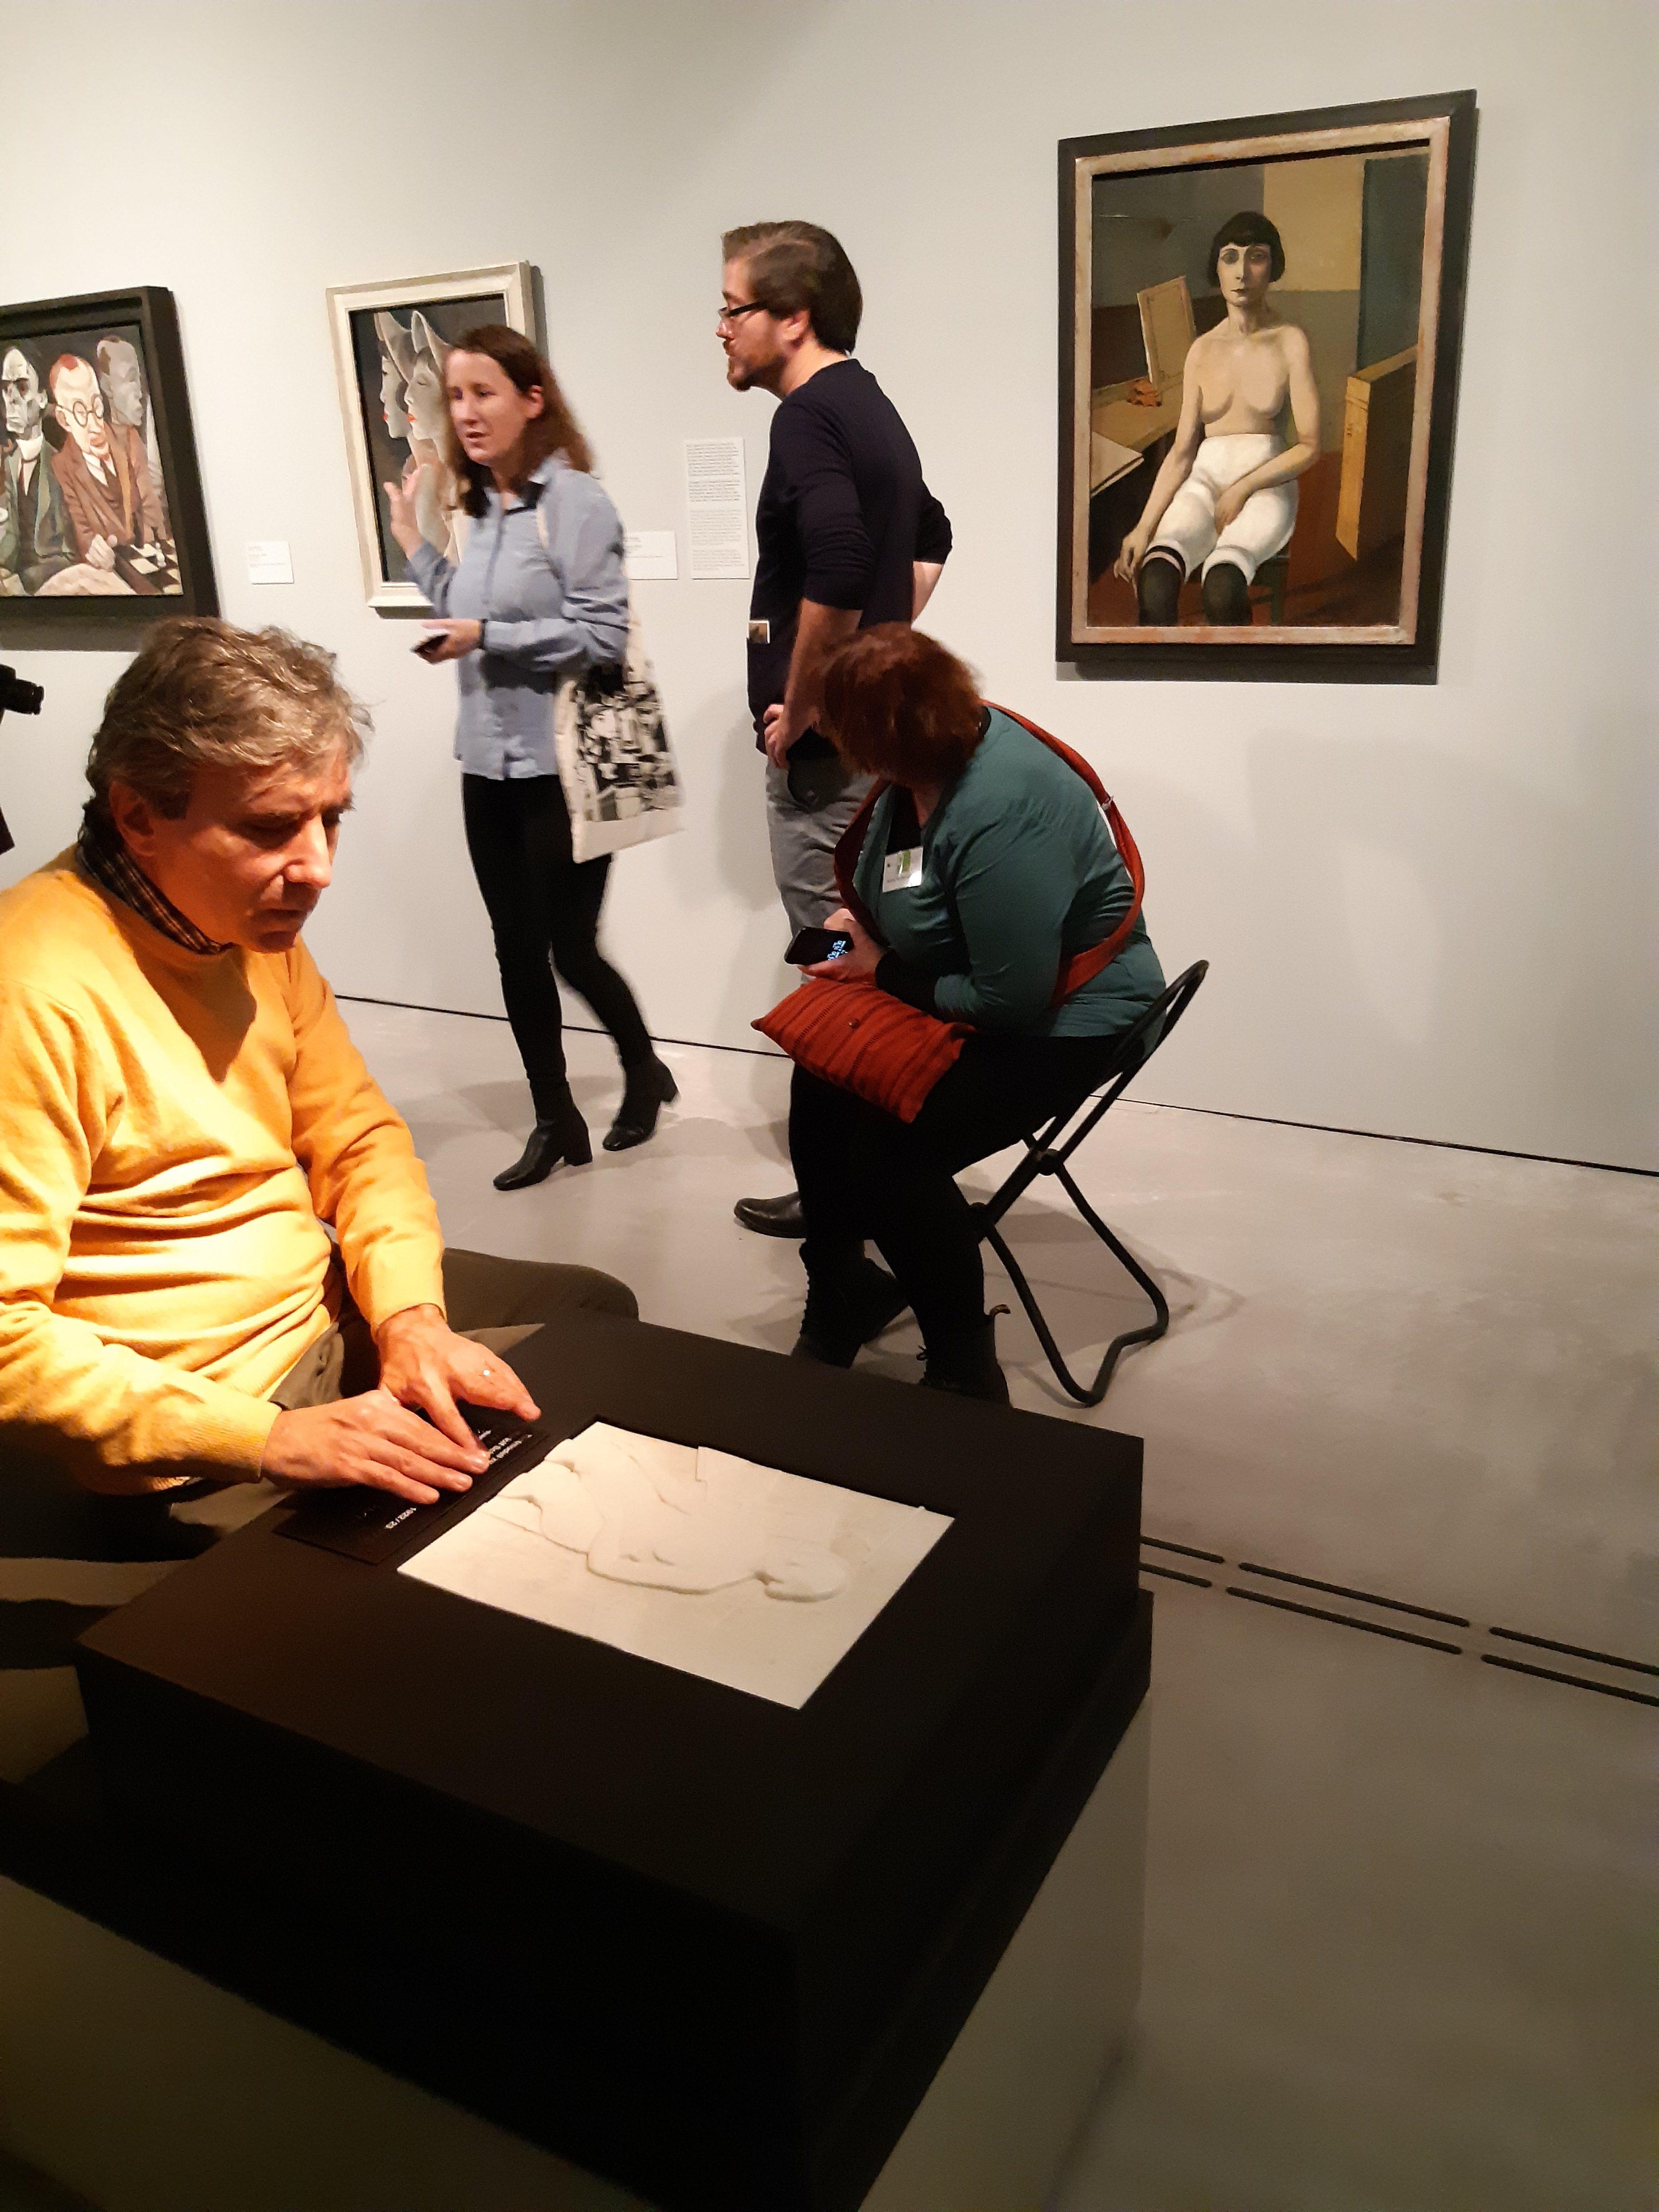 Rahvusvaheline projekt Tandem otsib muuseumides uusi avastamisvõimalusi erivajadustega inimesetele